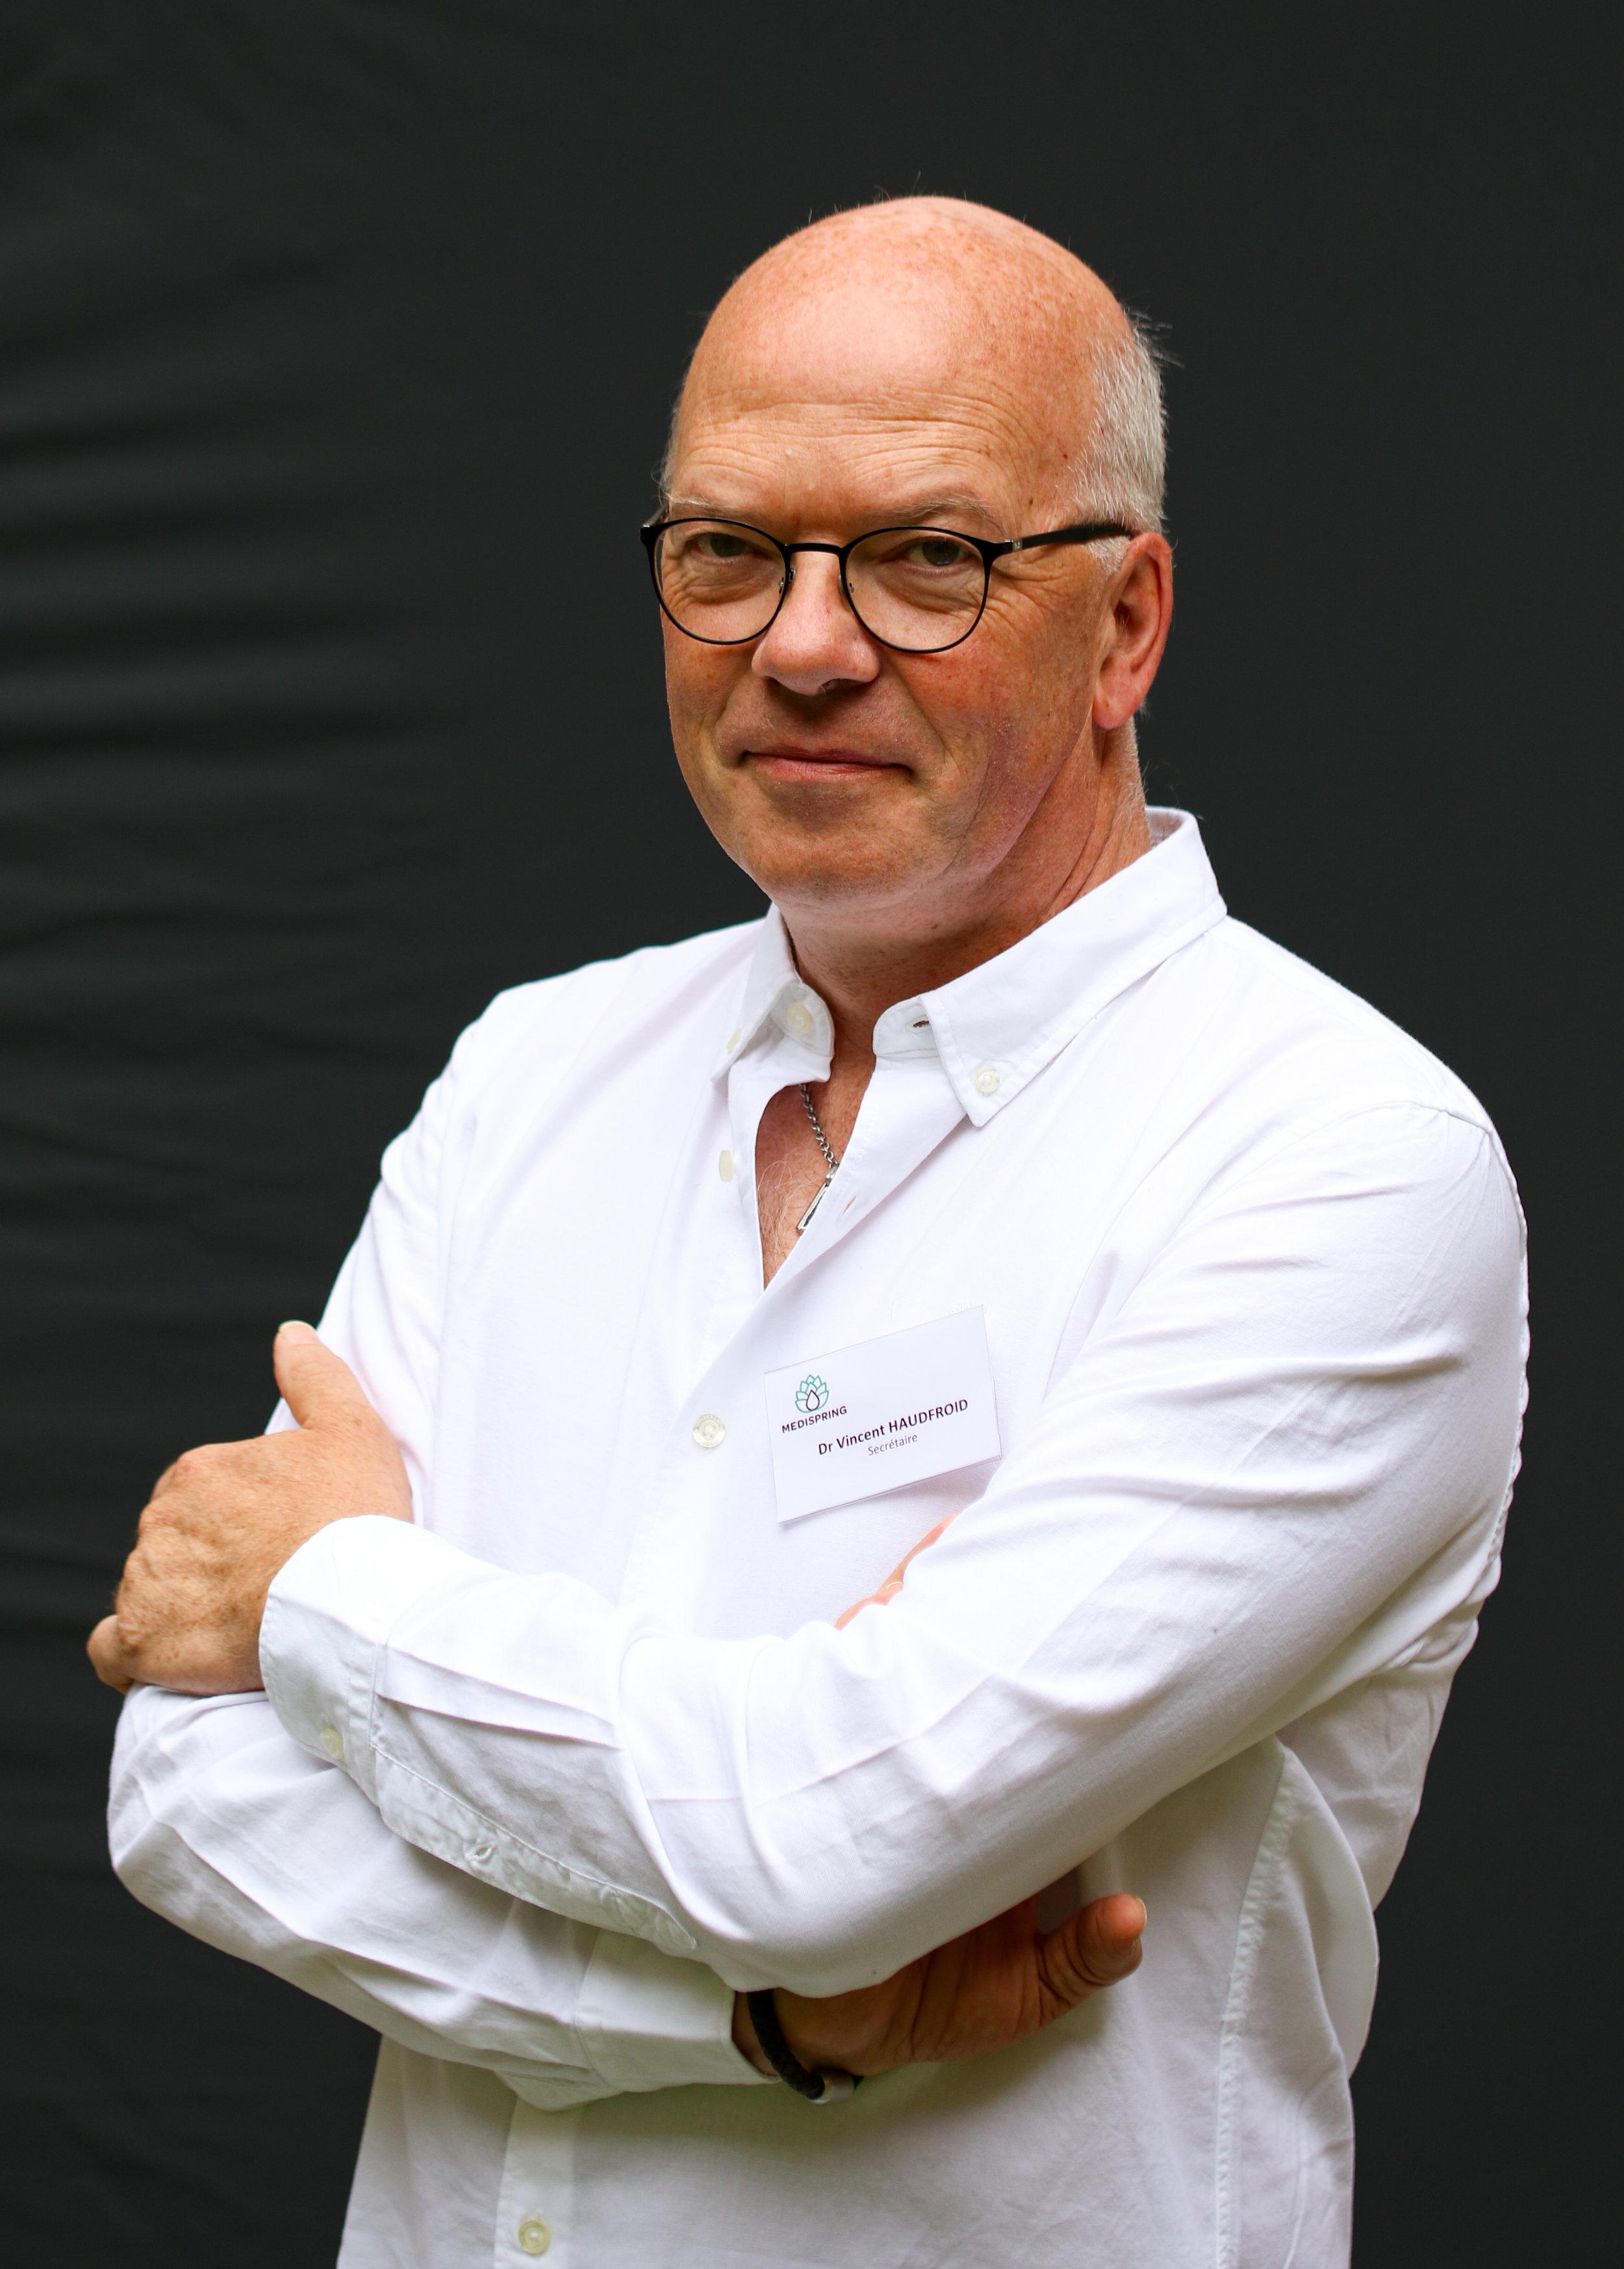 Secrétaire - Dr. Vincent Haufroid